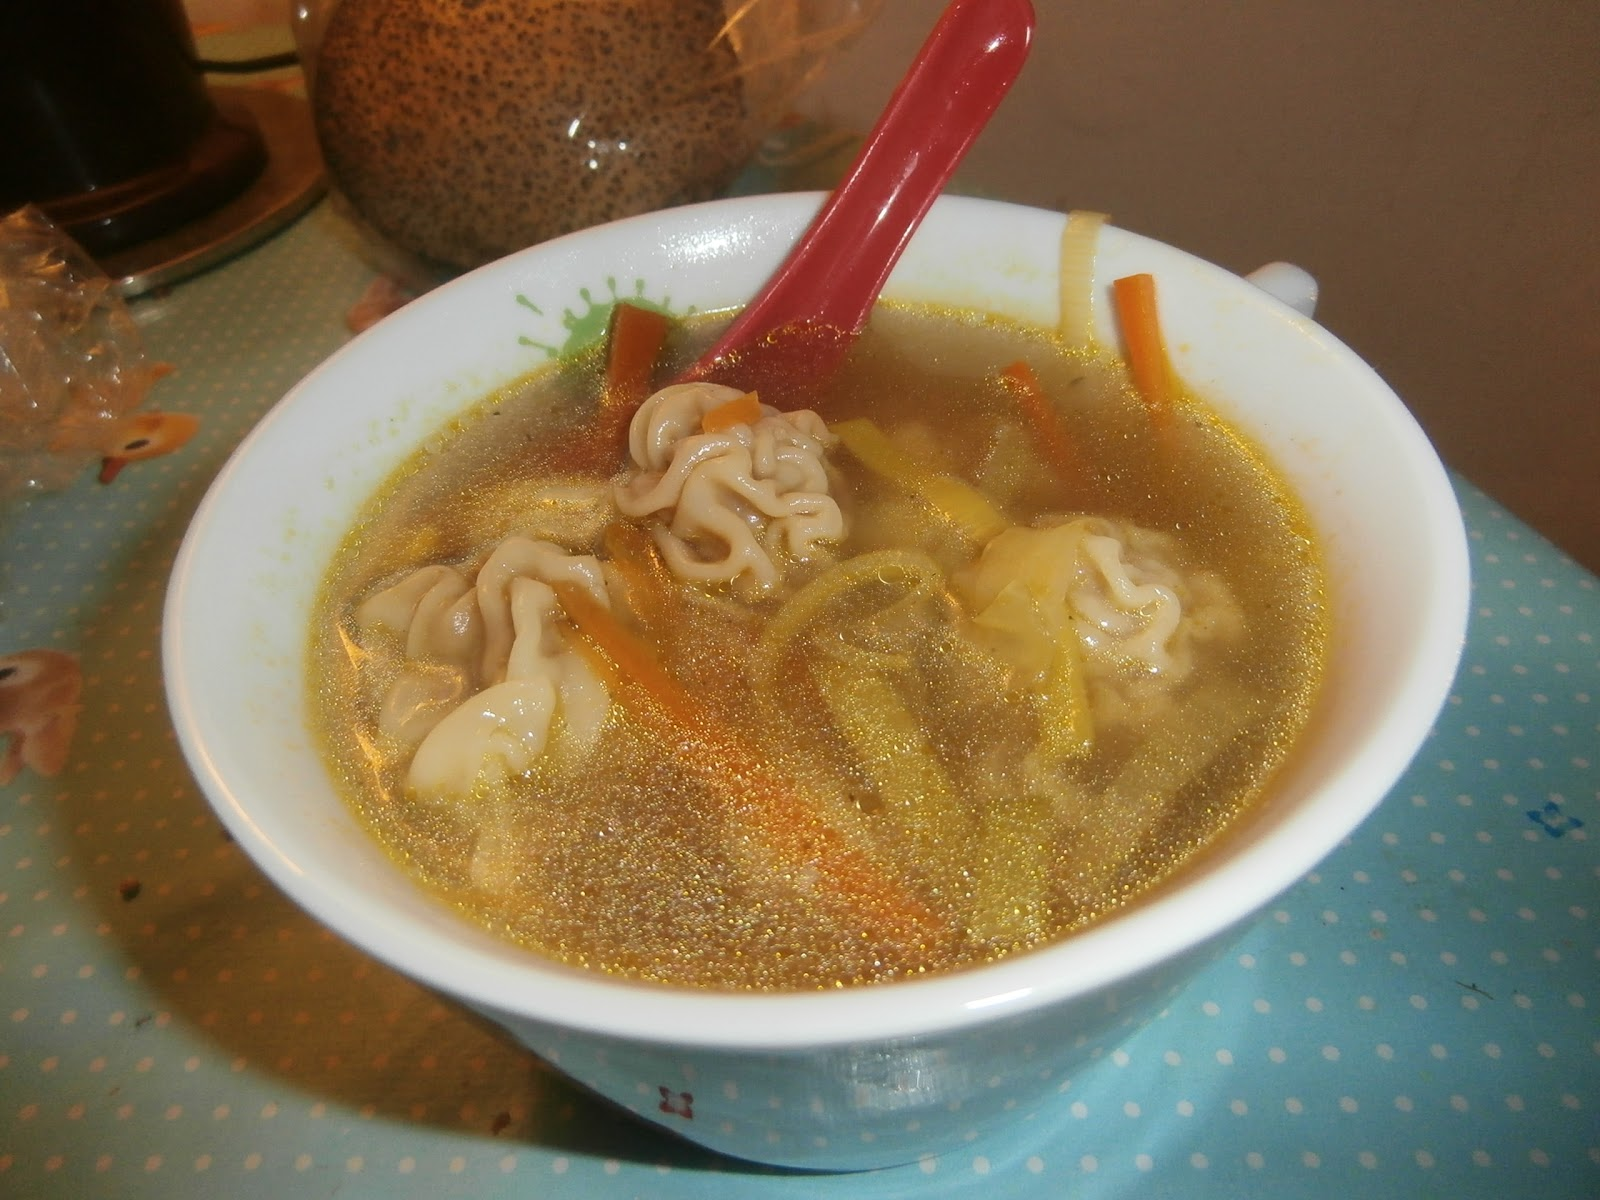 recepten voor soep te maken